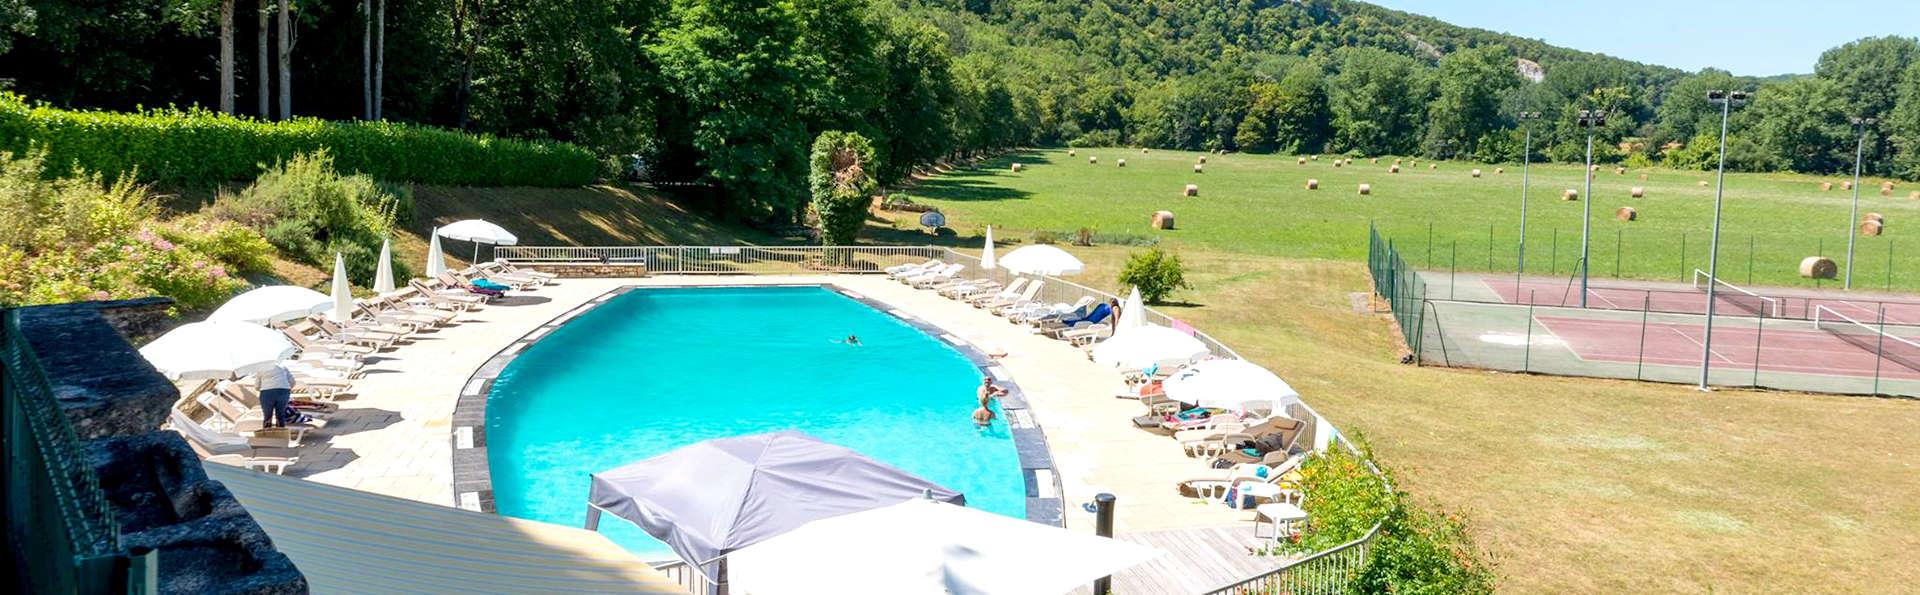 Week-end détente & relaxation dans un château en Dordogne